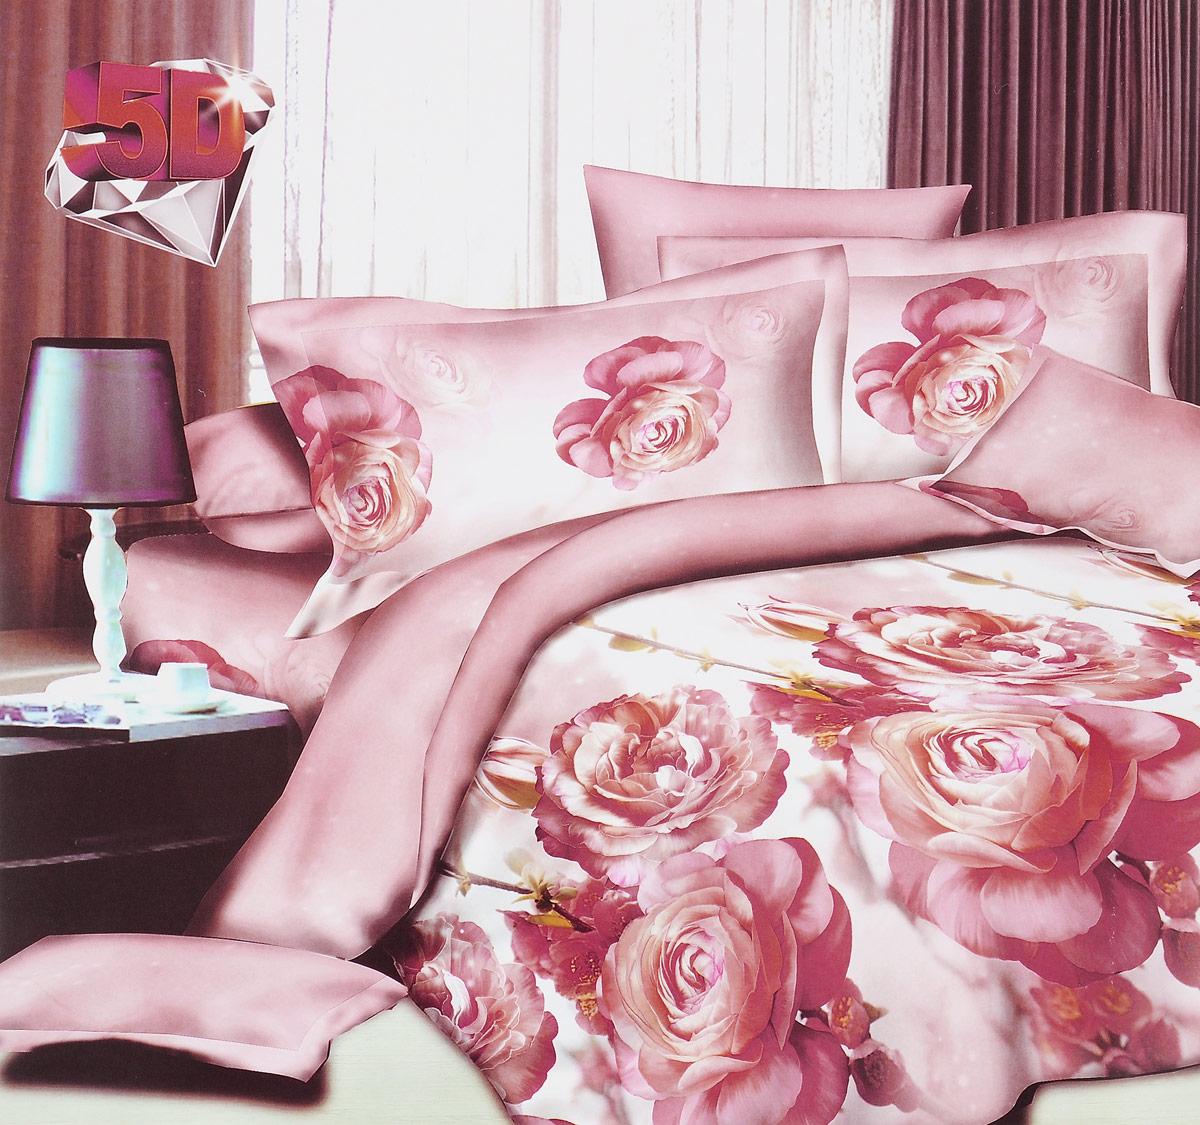 Комплект белья ЭГО Южная Роза, 2-спальный, наволочки 70x70391602Комплект белья ЭГО Южная Роза выполнен из полисатина (50% хлопка, 50% полиэстера). Комплект состоит из пододеяльника, простыни и двух наволочек. Постельное белье имеет изысканный внешний вид и яркую цветовую гамму. Гладкая структура делает ткань приятной на ощупь, мягкой и нежной, при этом она прочная и хорошо сохраняет форму. Ткань легко гладится, не линяет и не садится. Приобретая комплект постельного белья ЭГО Южная Роза, вы можете быть уверенны в том, что покупка доставит вам и вашим близким удовольствие и подарит максимальный комфорт.